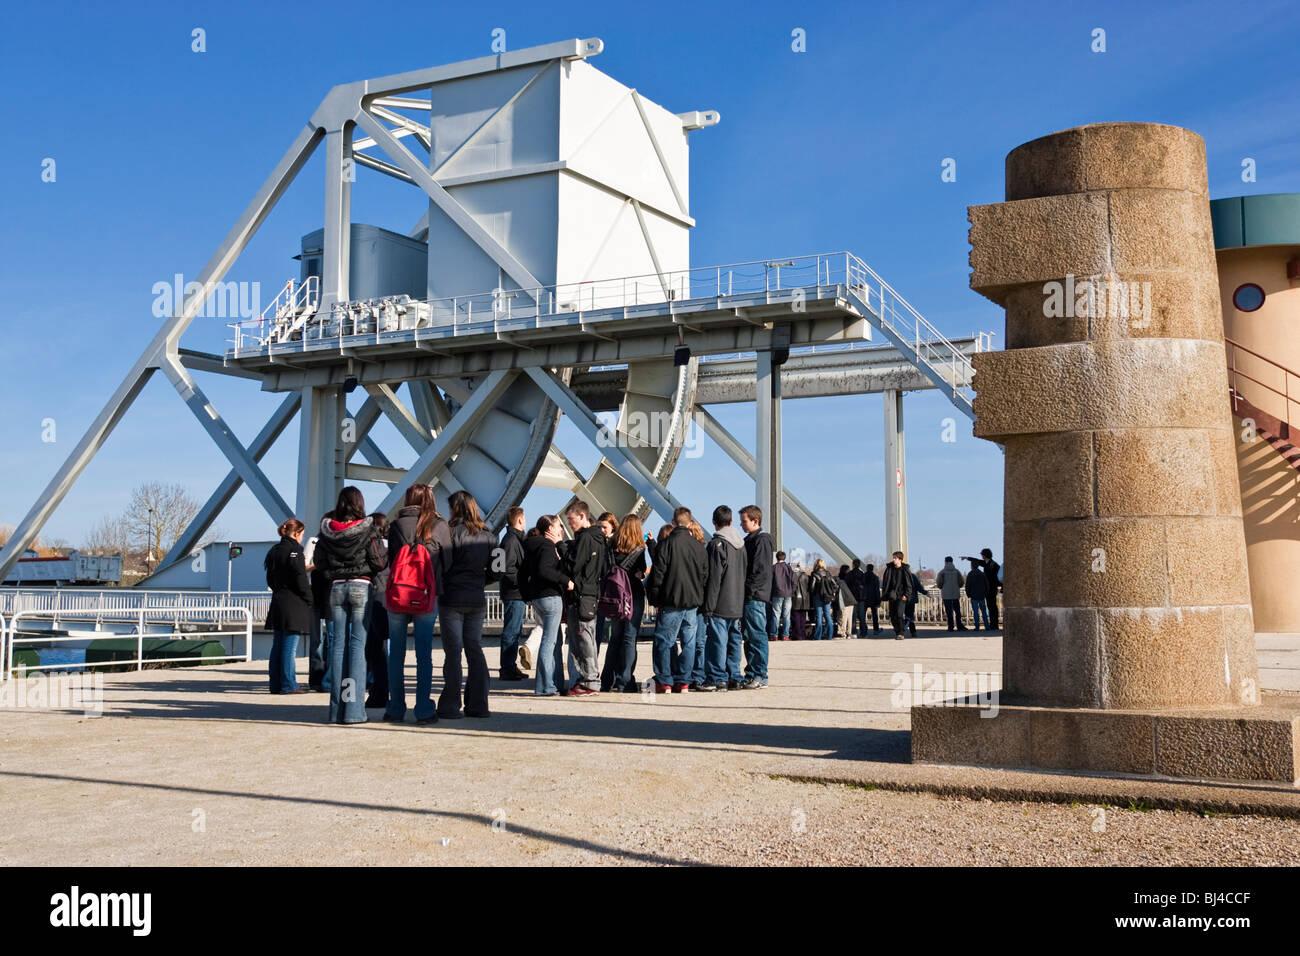 Puente Pegasus, Normandía, Francia, Europa - Escuela de niños en un viaje escolar visita de grupo Imagen De Stock